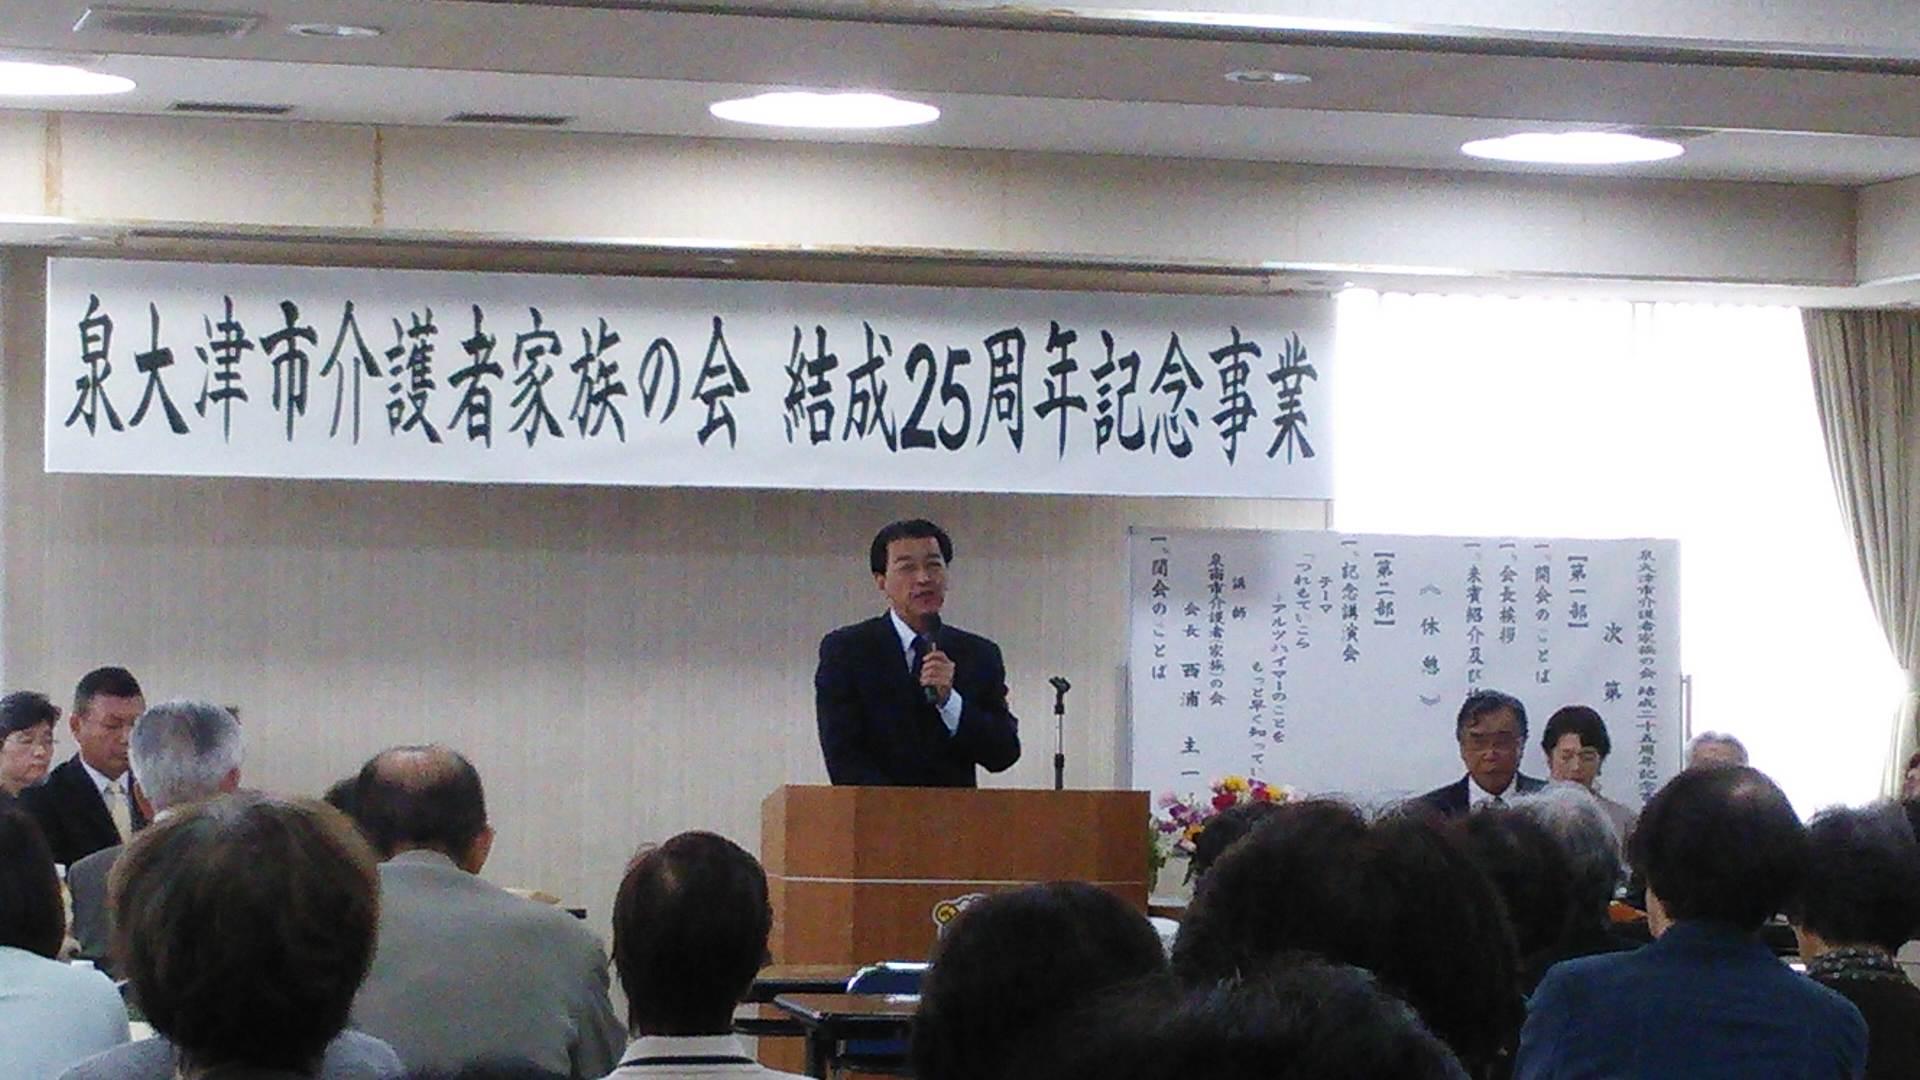 泉大津市介護者家族の会 結成25周年の記念講演会へ